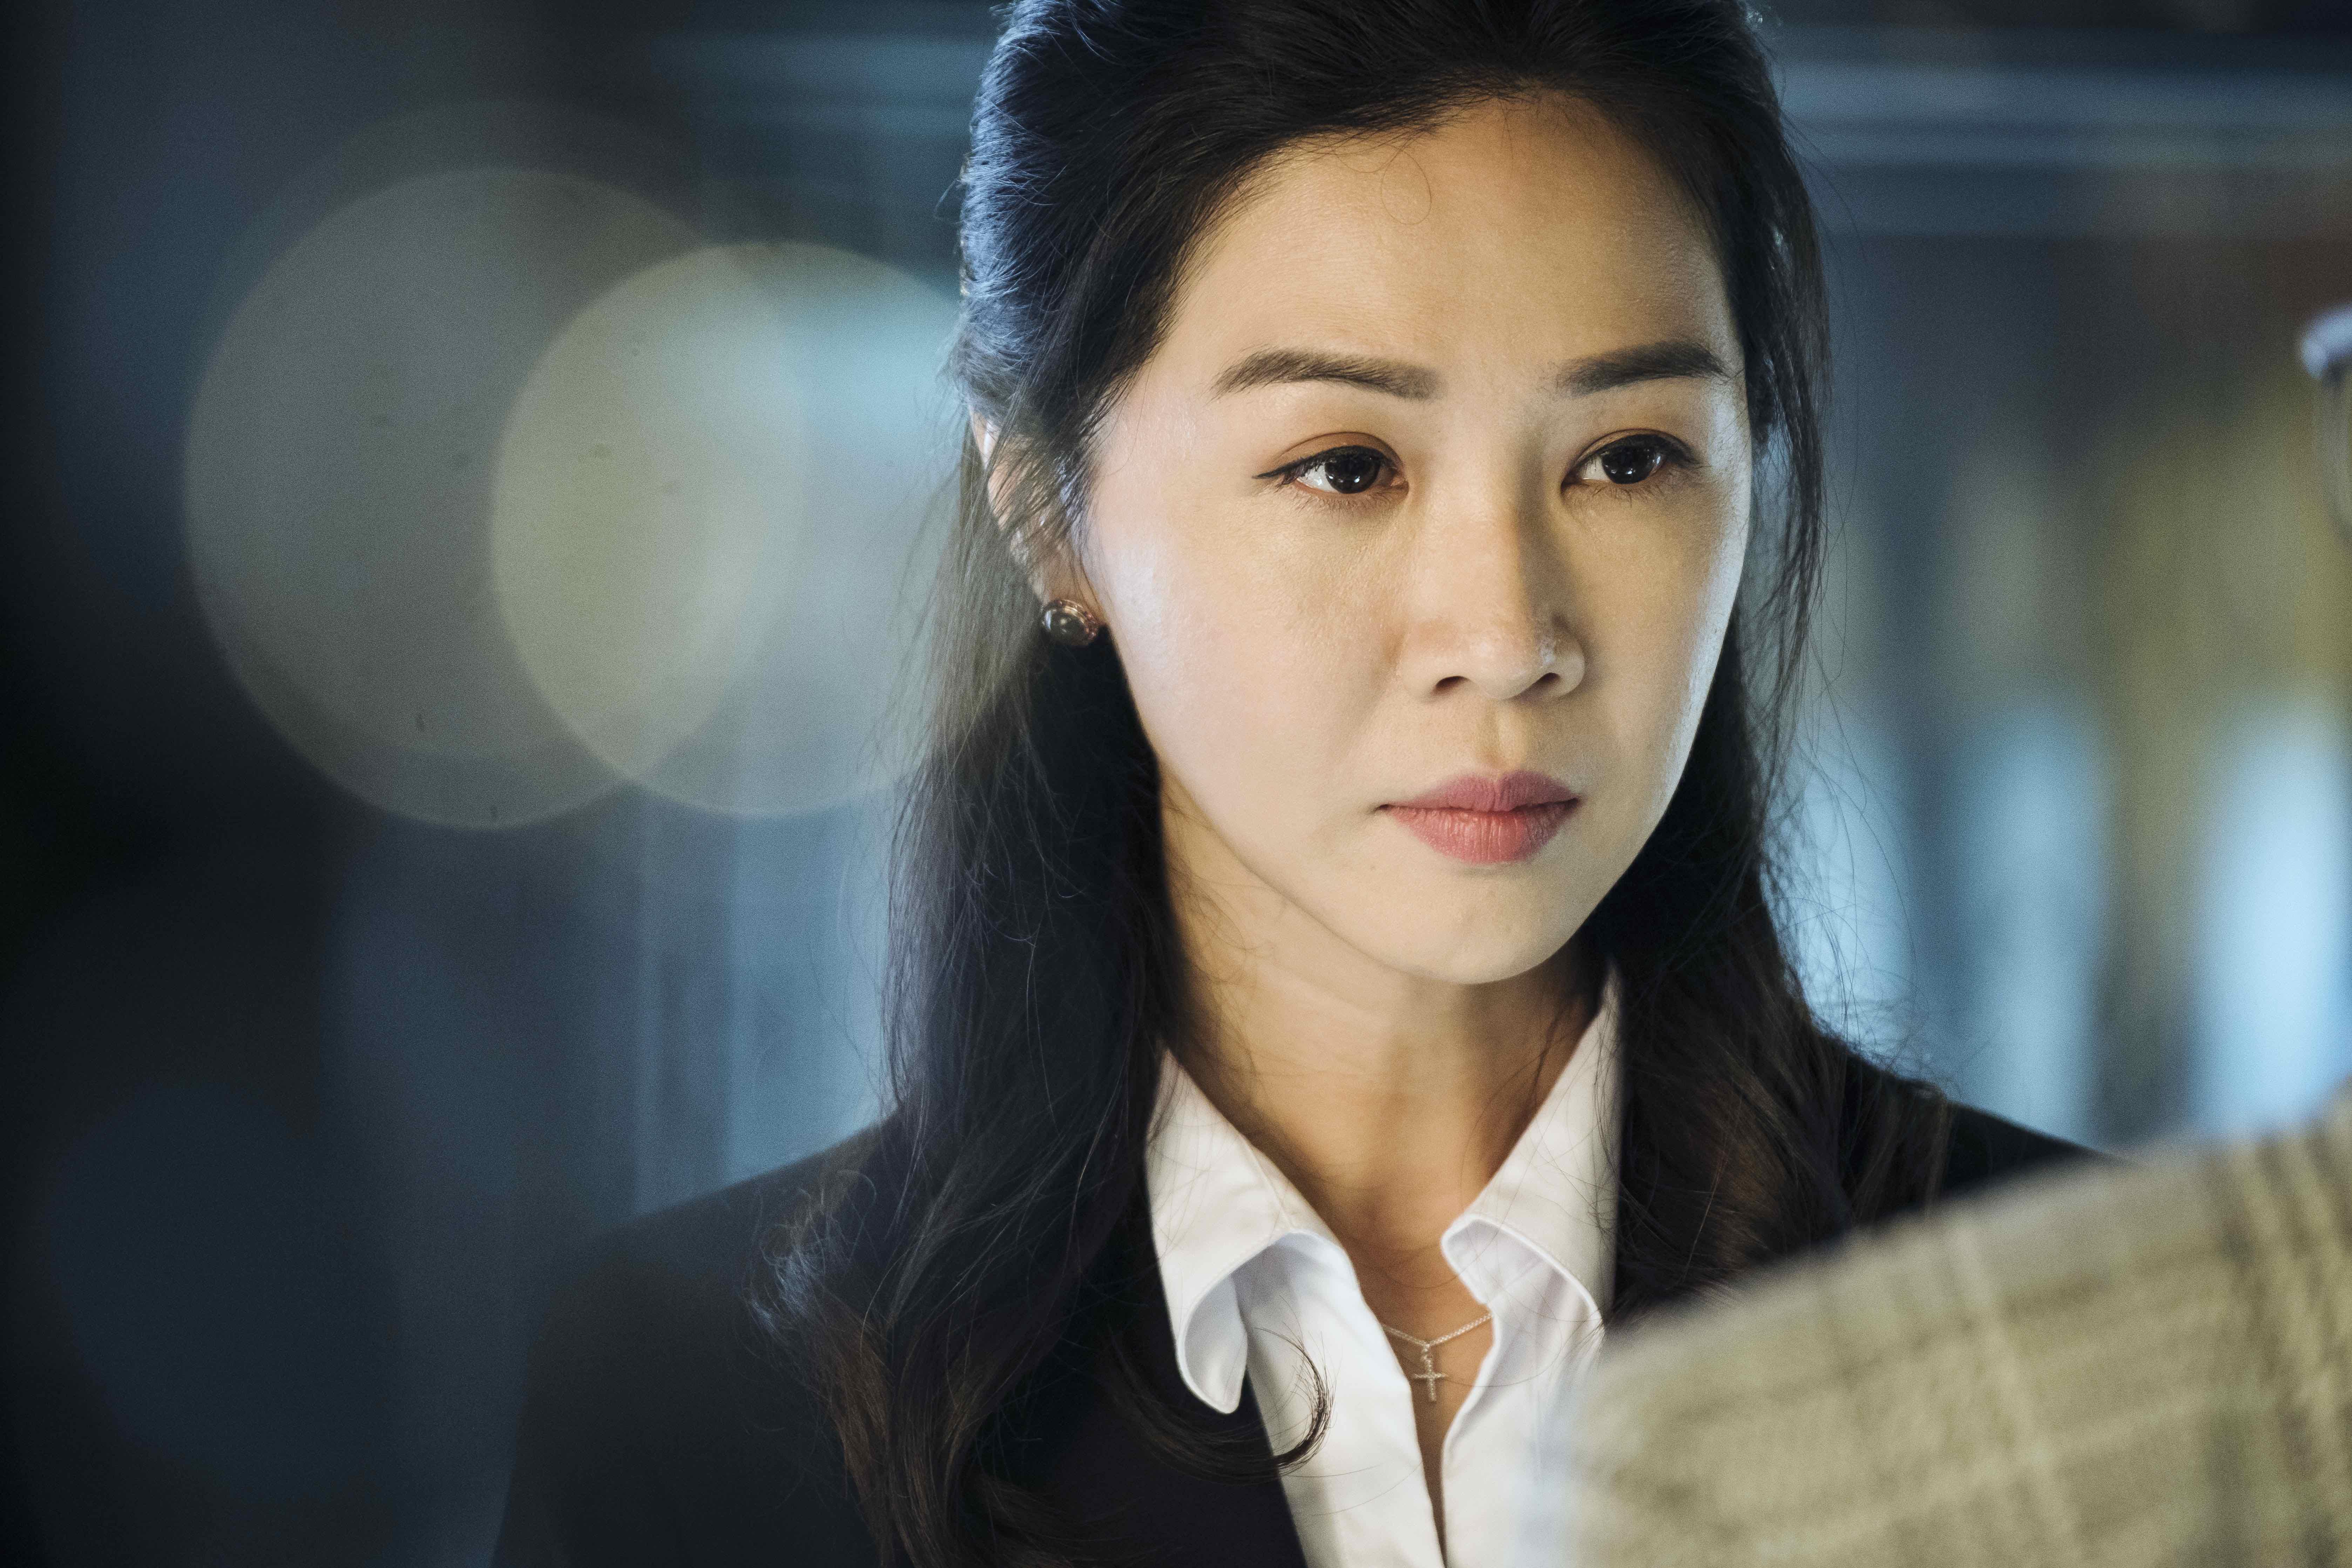 謝盈萱在《魂囚西門》中是一位被流氓鬼附身的珠寶店經理